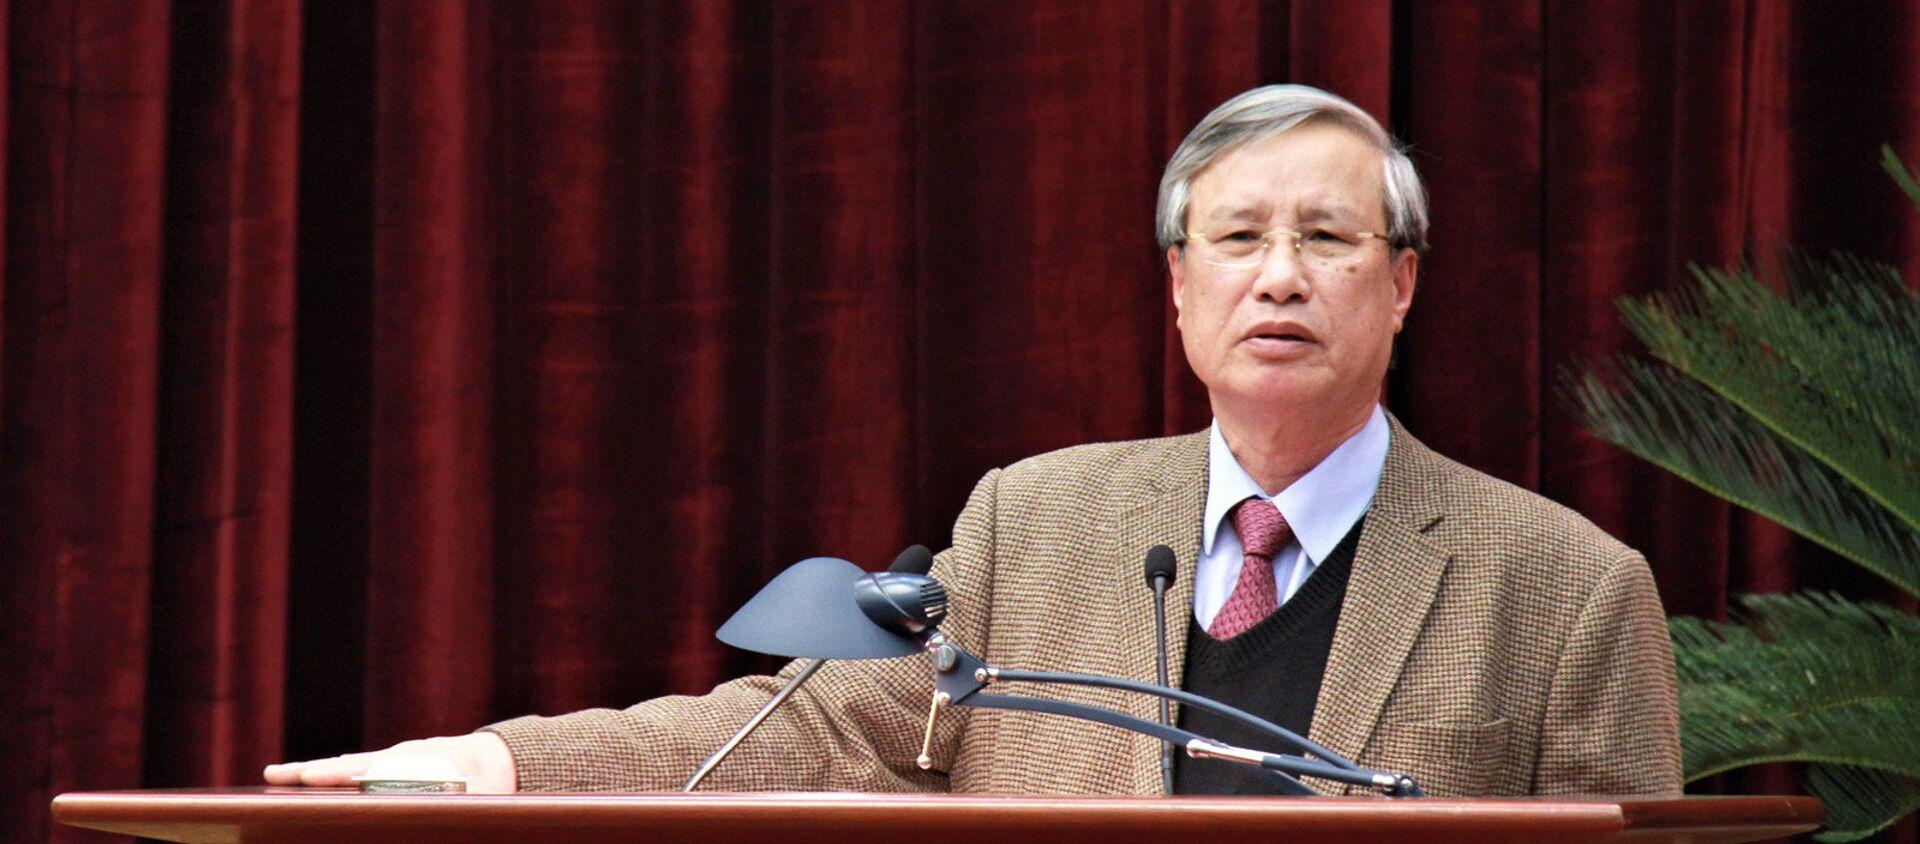 Ông Trần Quốc Vượng phát biểu tại hội nghị sáng 18.1 - Sputnik Việt Nam, 1920, 09.02.2018